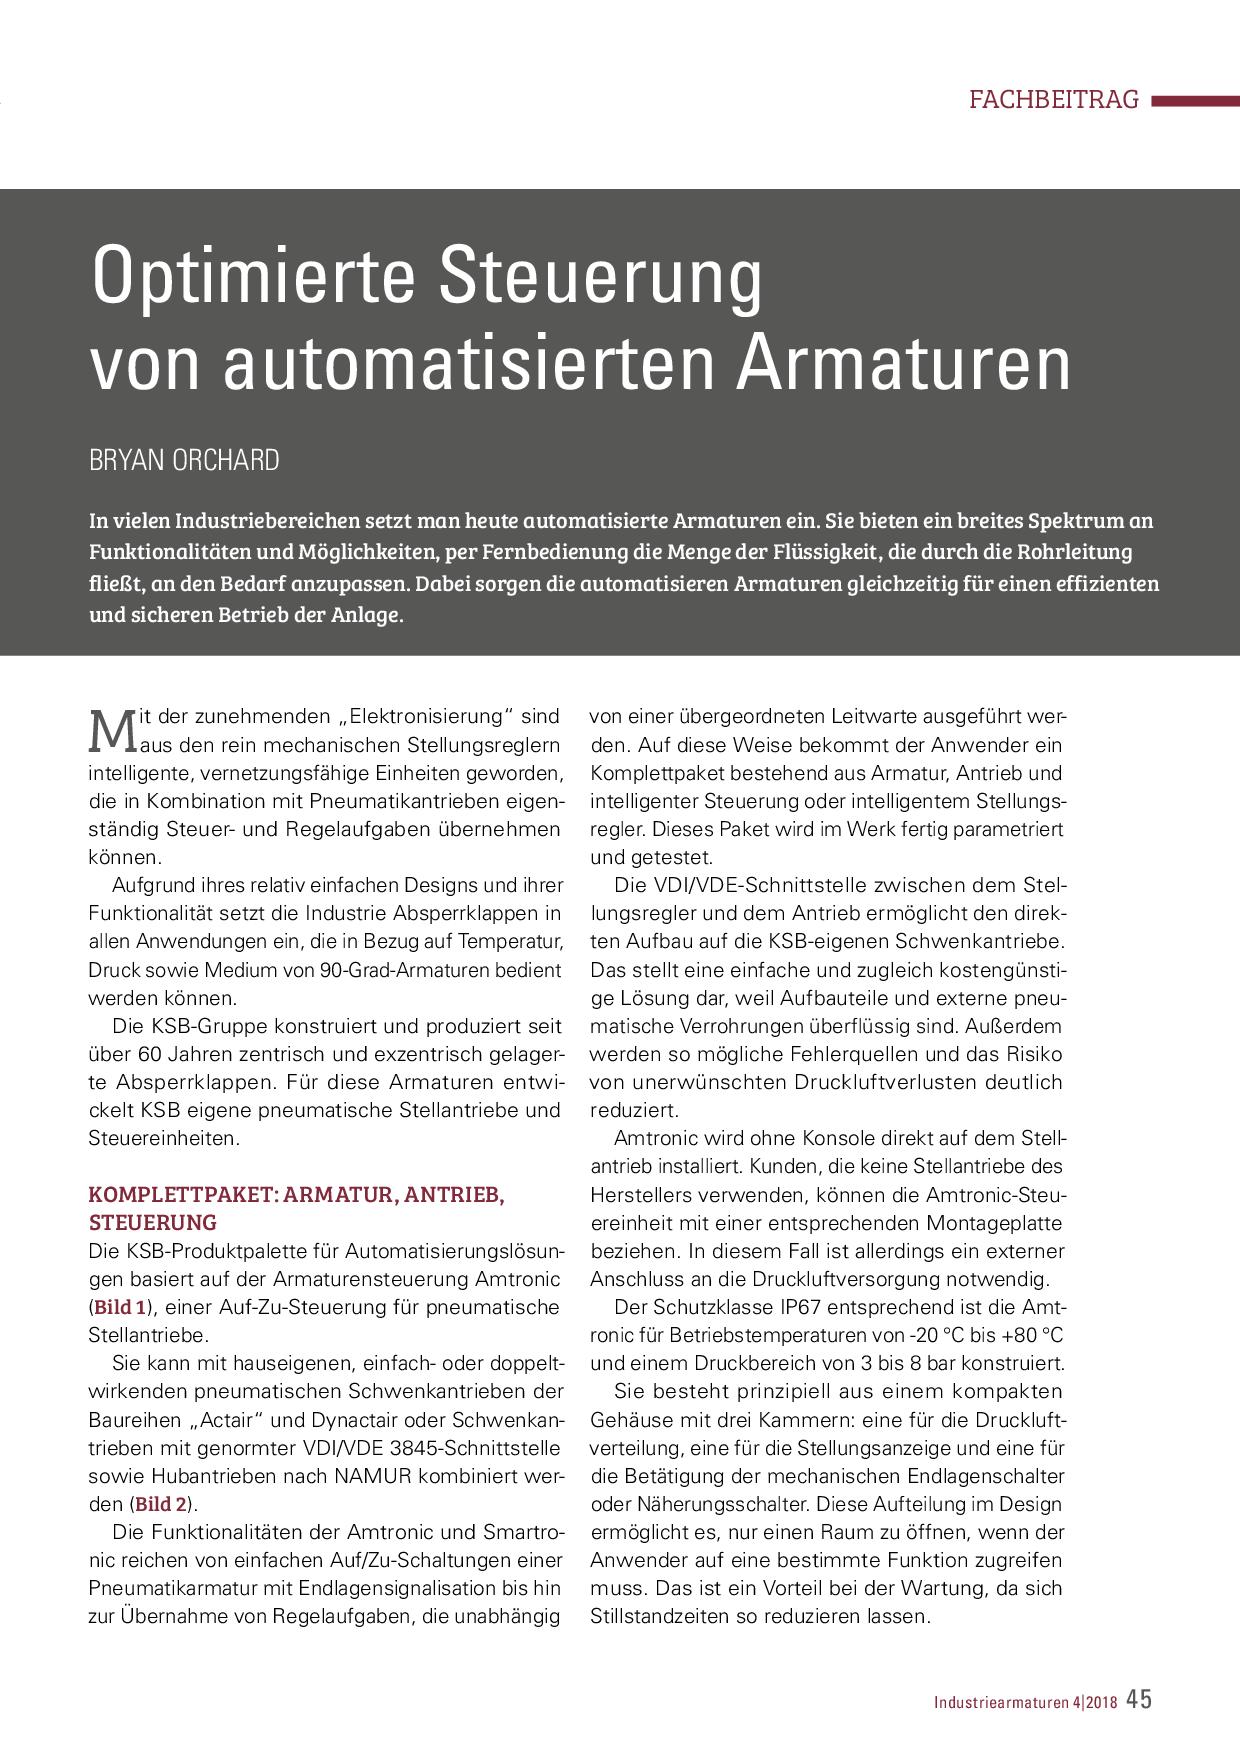 Optimierte Steuerung von automatisierten Armaturen